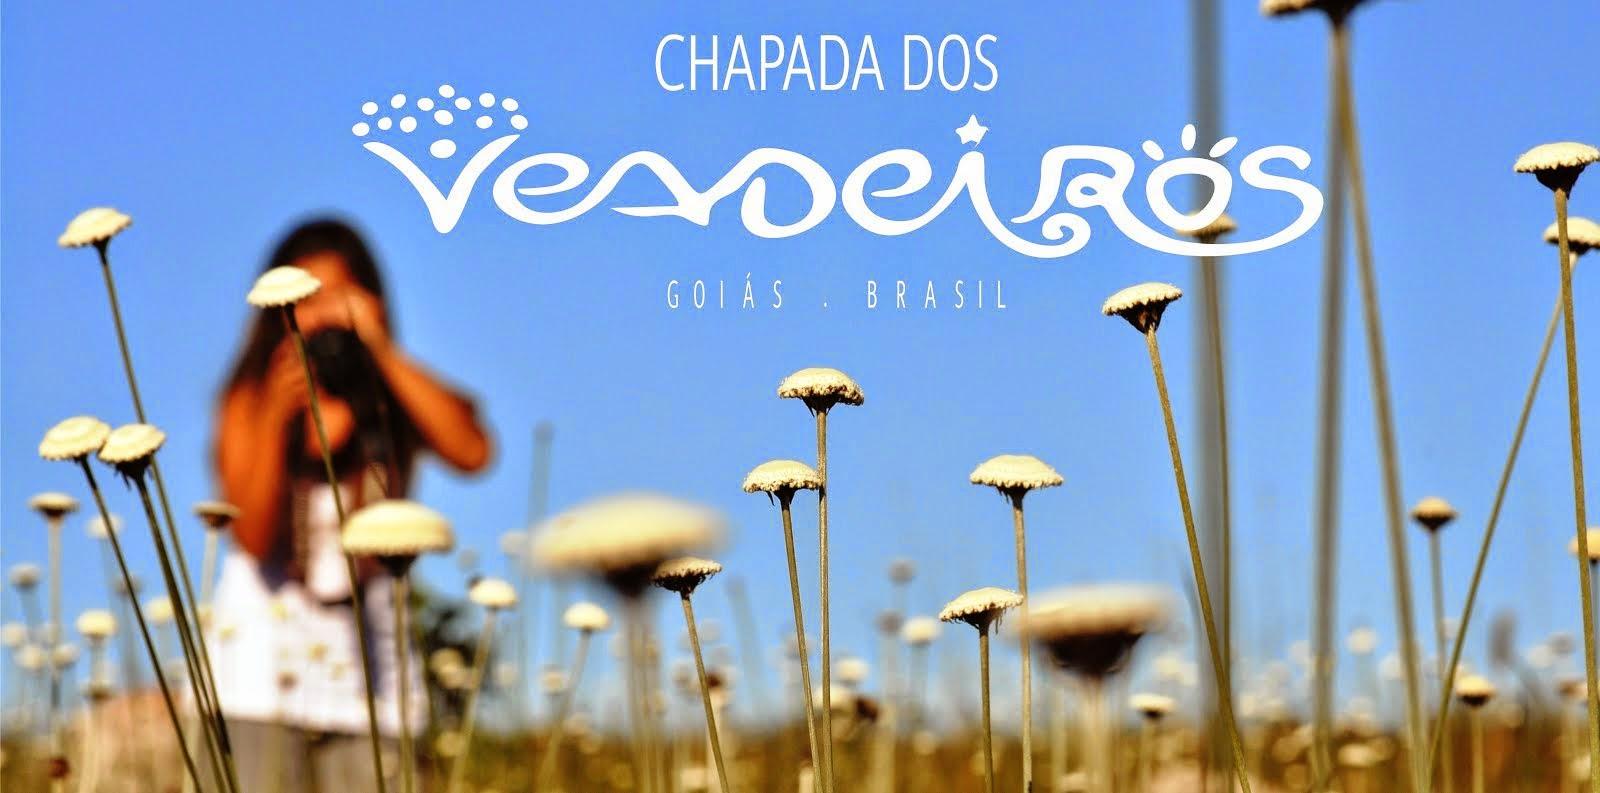 Chapada dos Veadeiros - Um Paraíso no coração do Brasil